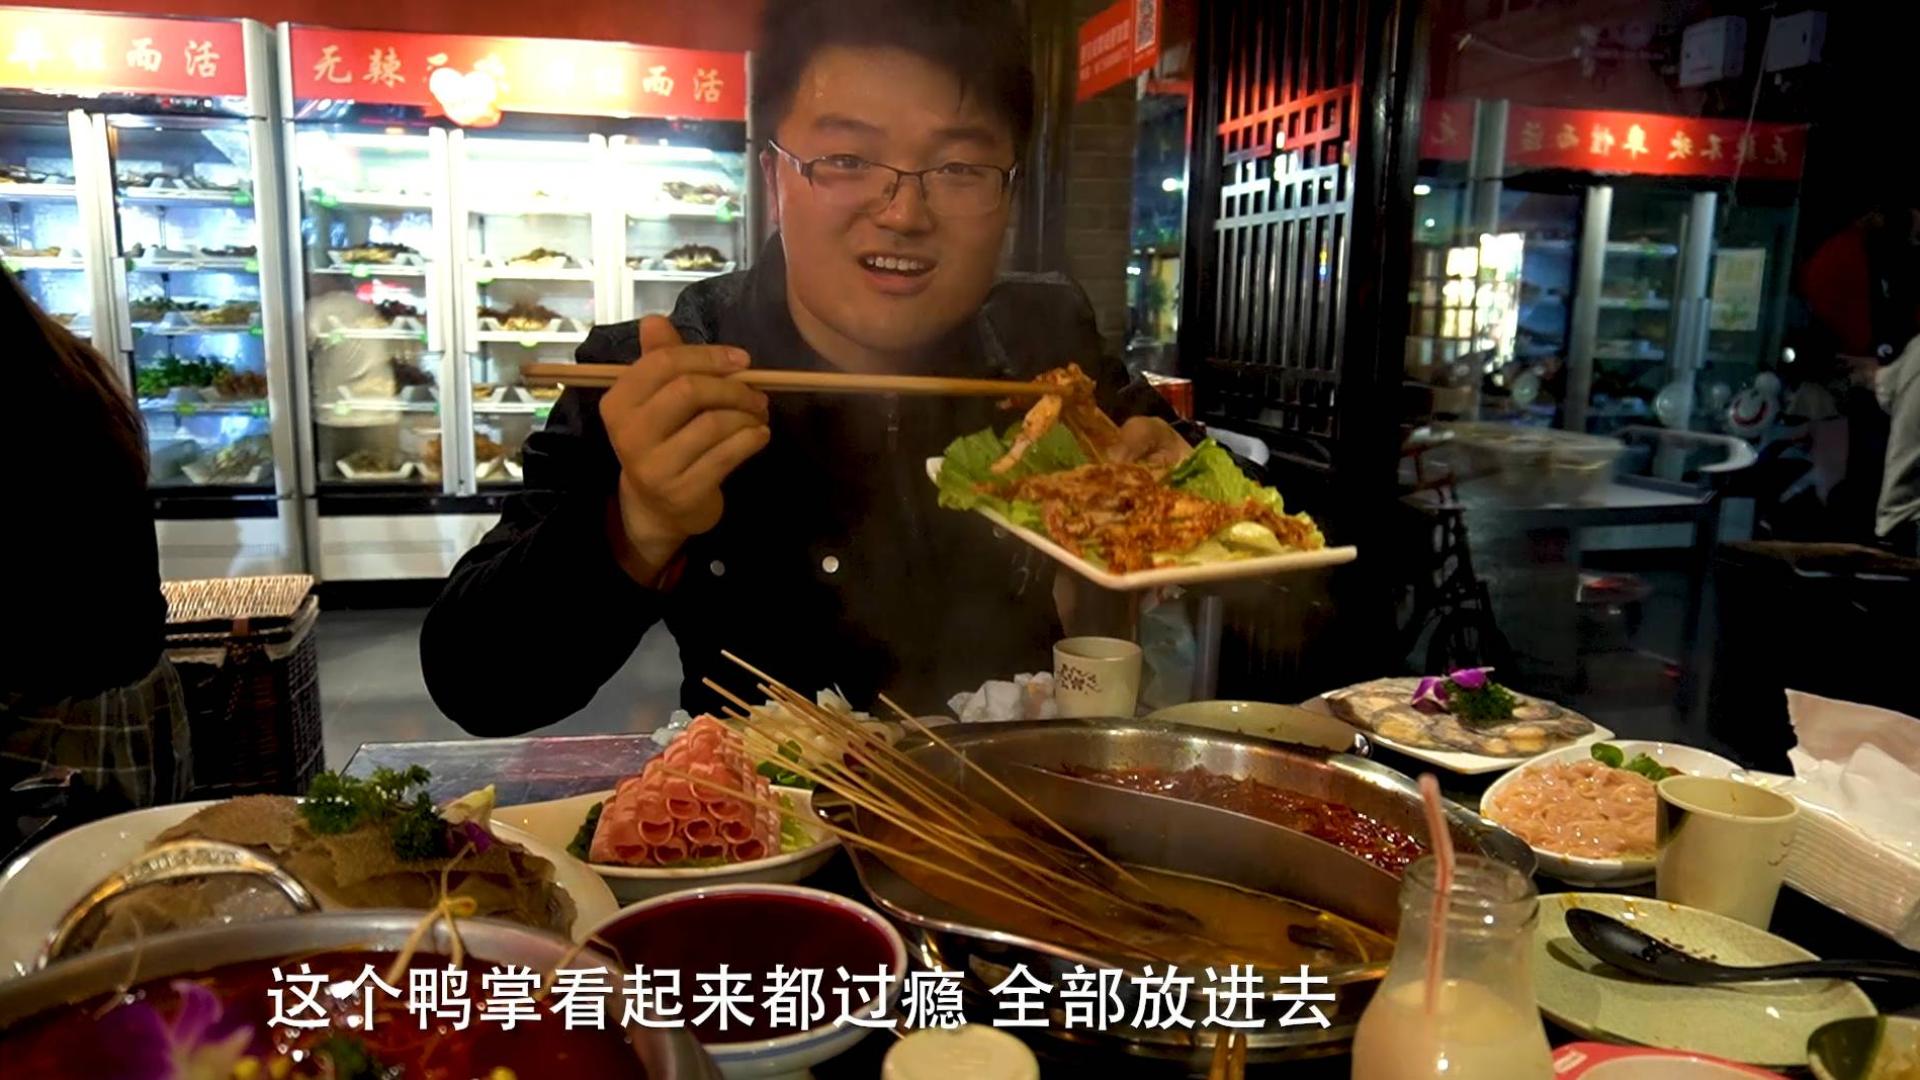 大sao被迫吃成都串串火锅,嘴上说不要吃,麻辣鸭掌太香,辣惨了